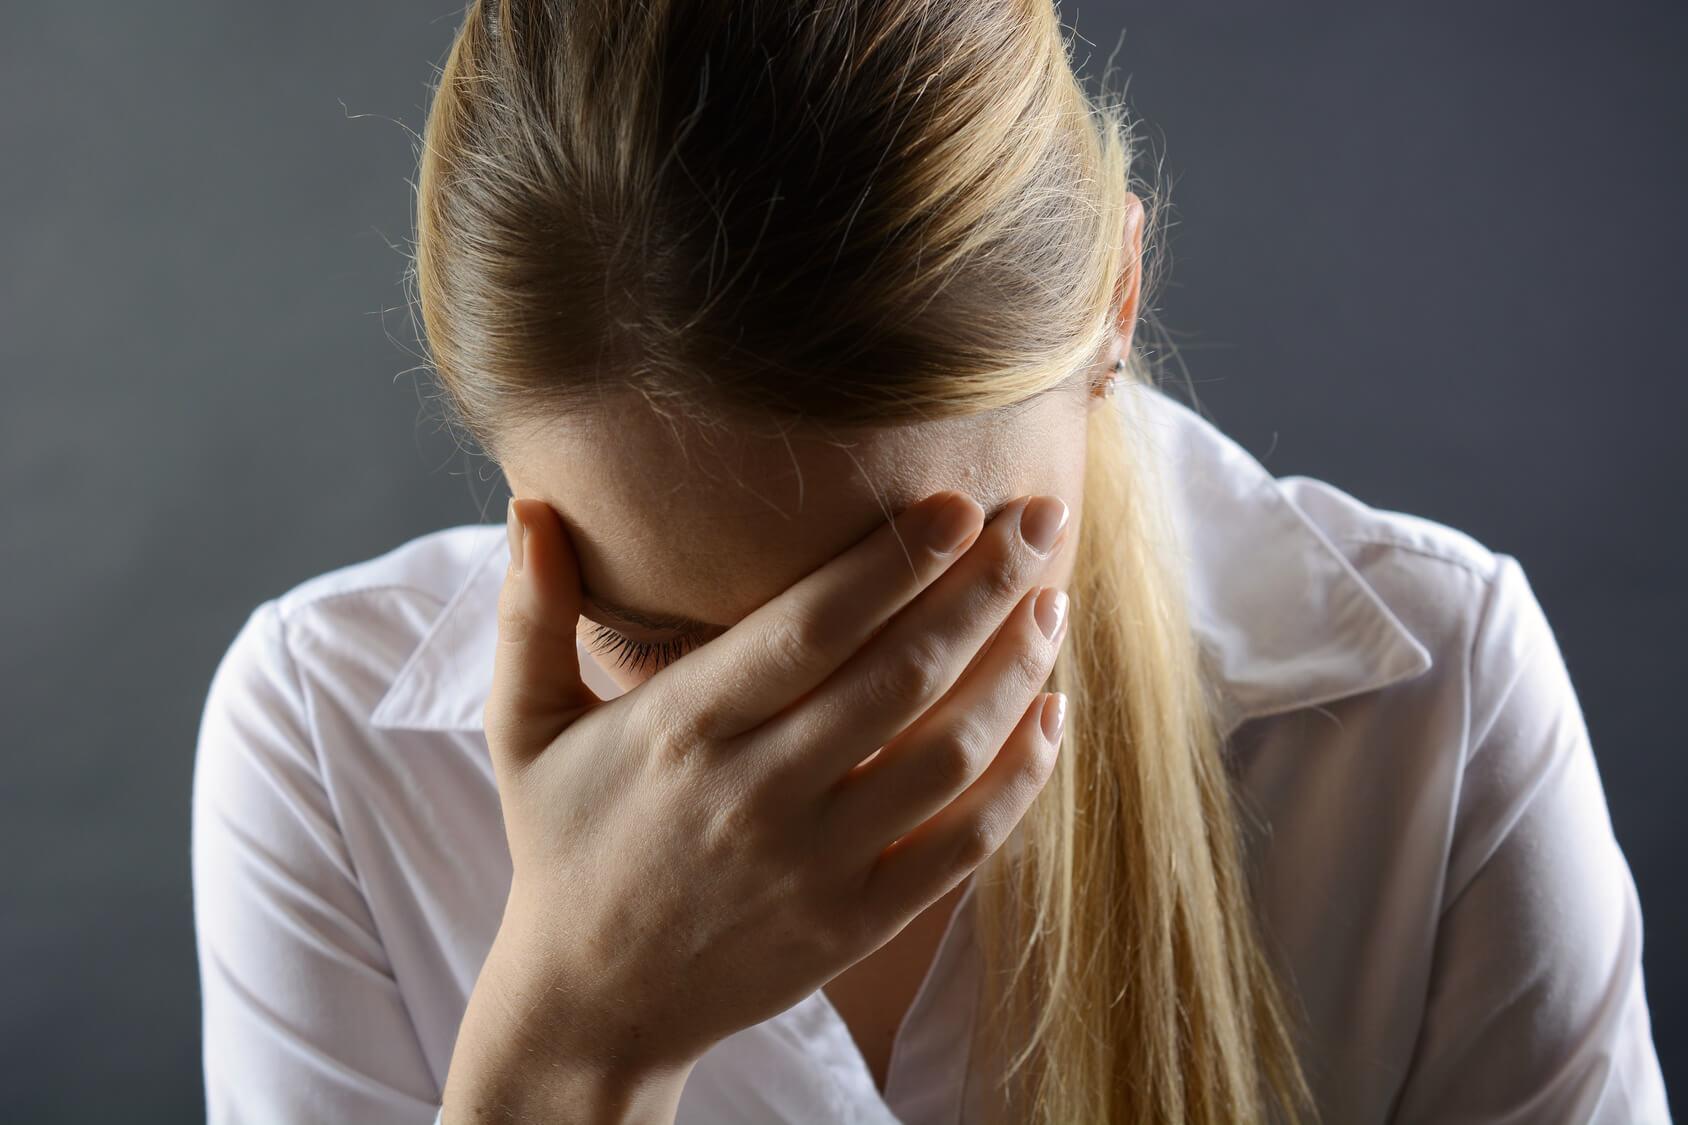 tratamiento psicológico del duelo